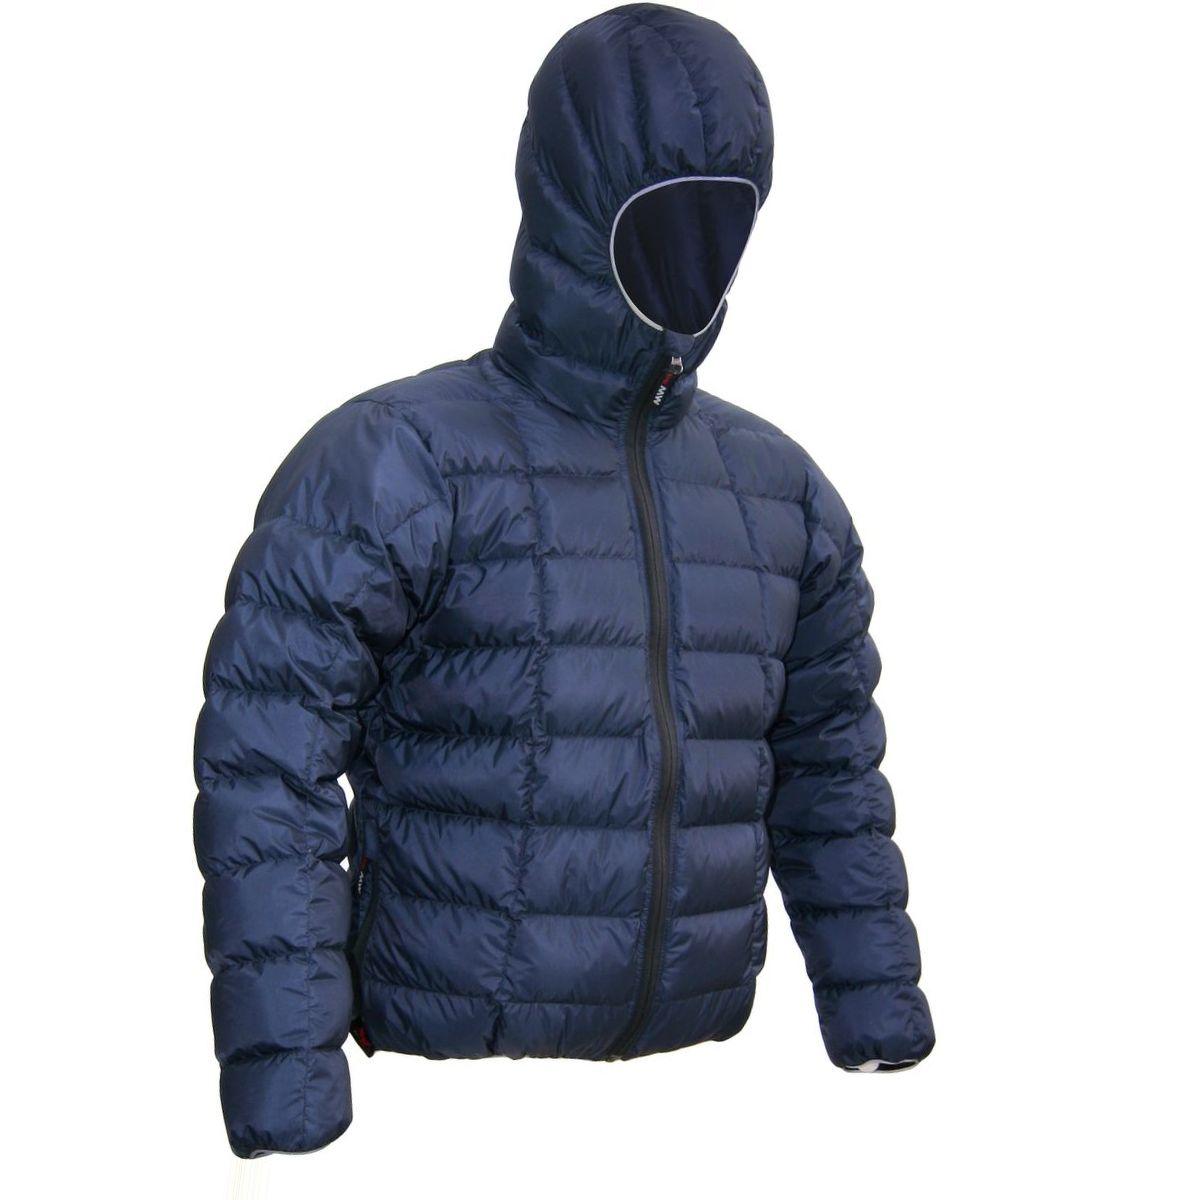 Western Mountaineering Flash XR Hooded Jacket - Women's